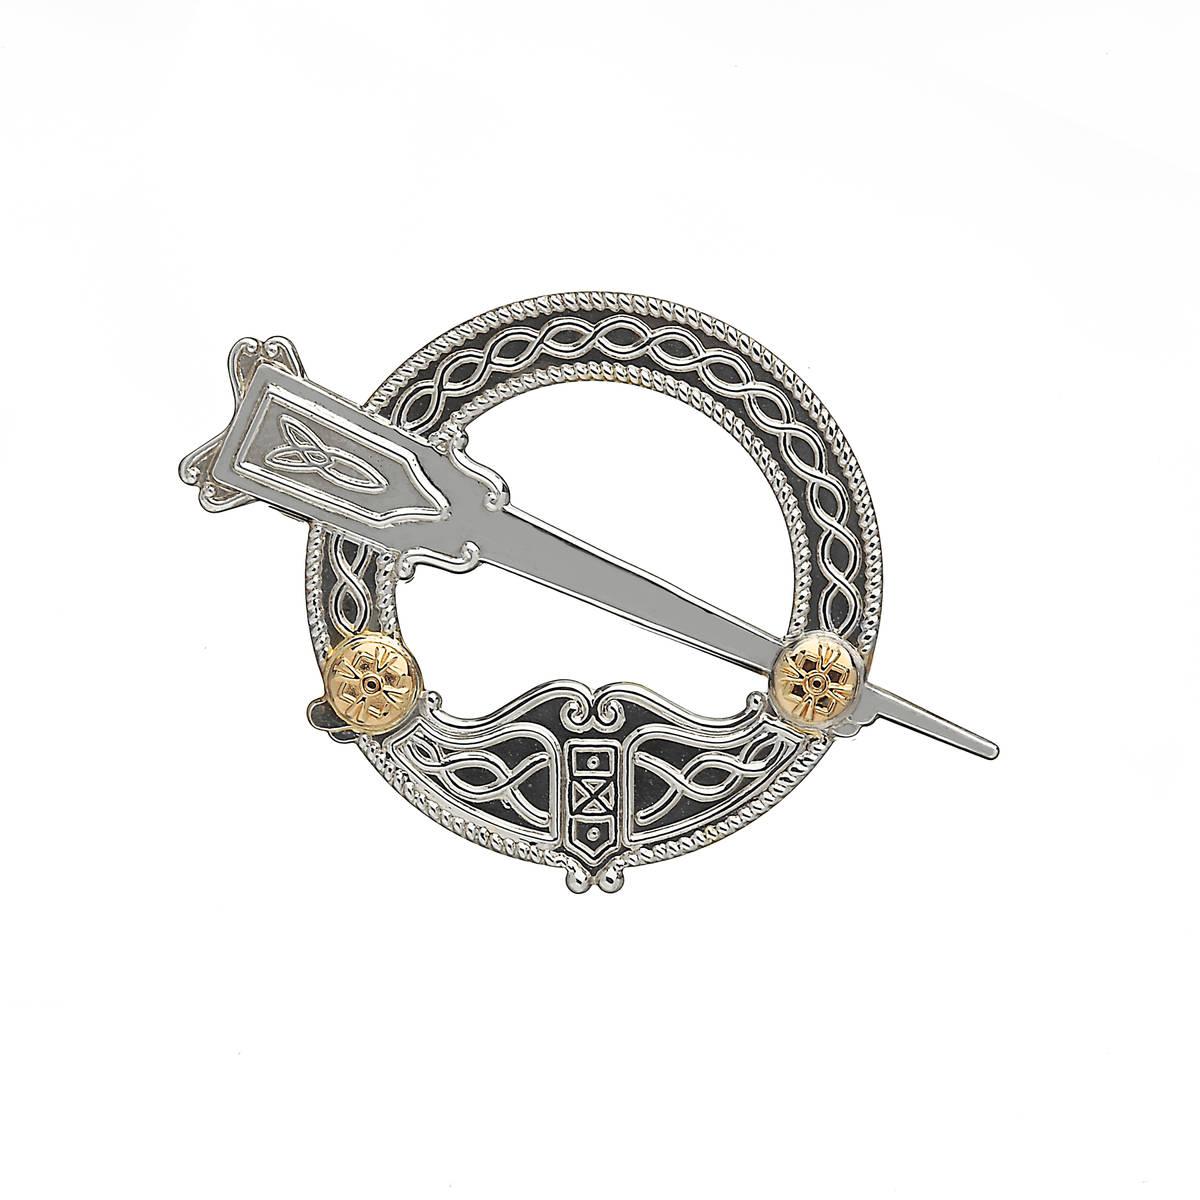 Silver small tara brooch